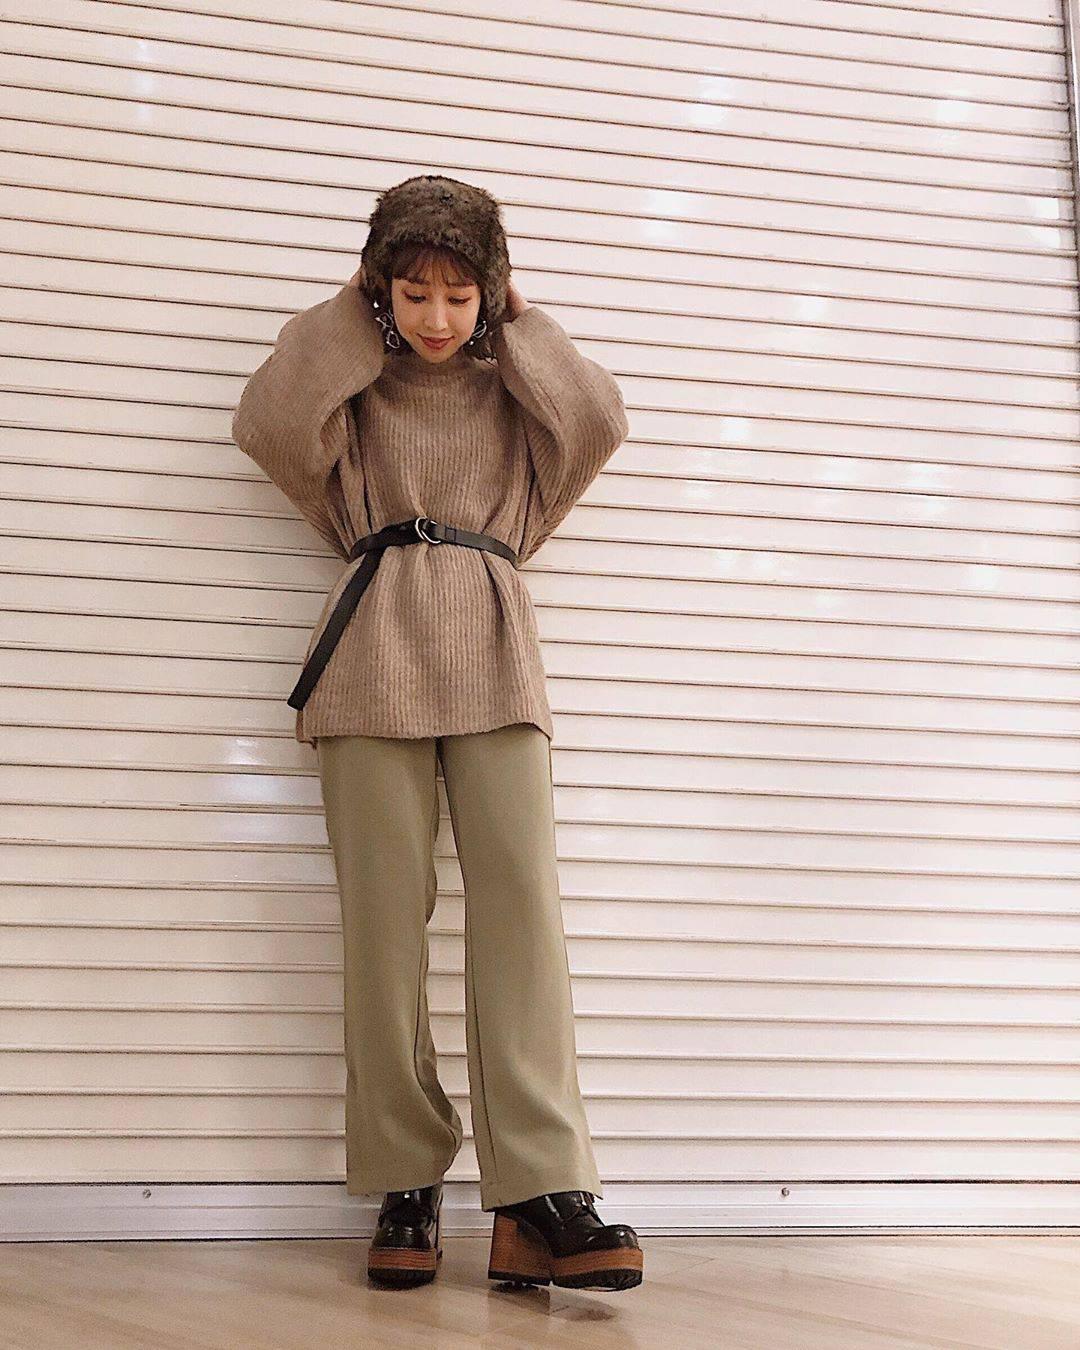 最高気温18度・最低気温7度 akaririri_1022の服装